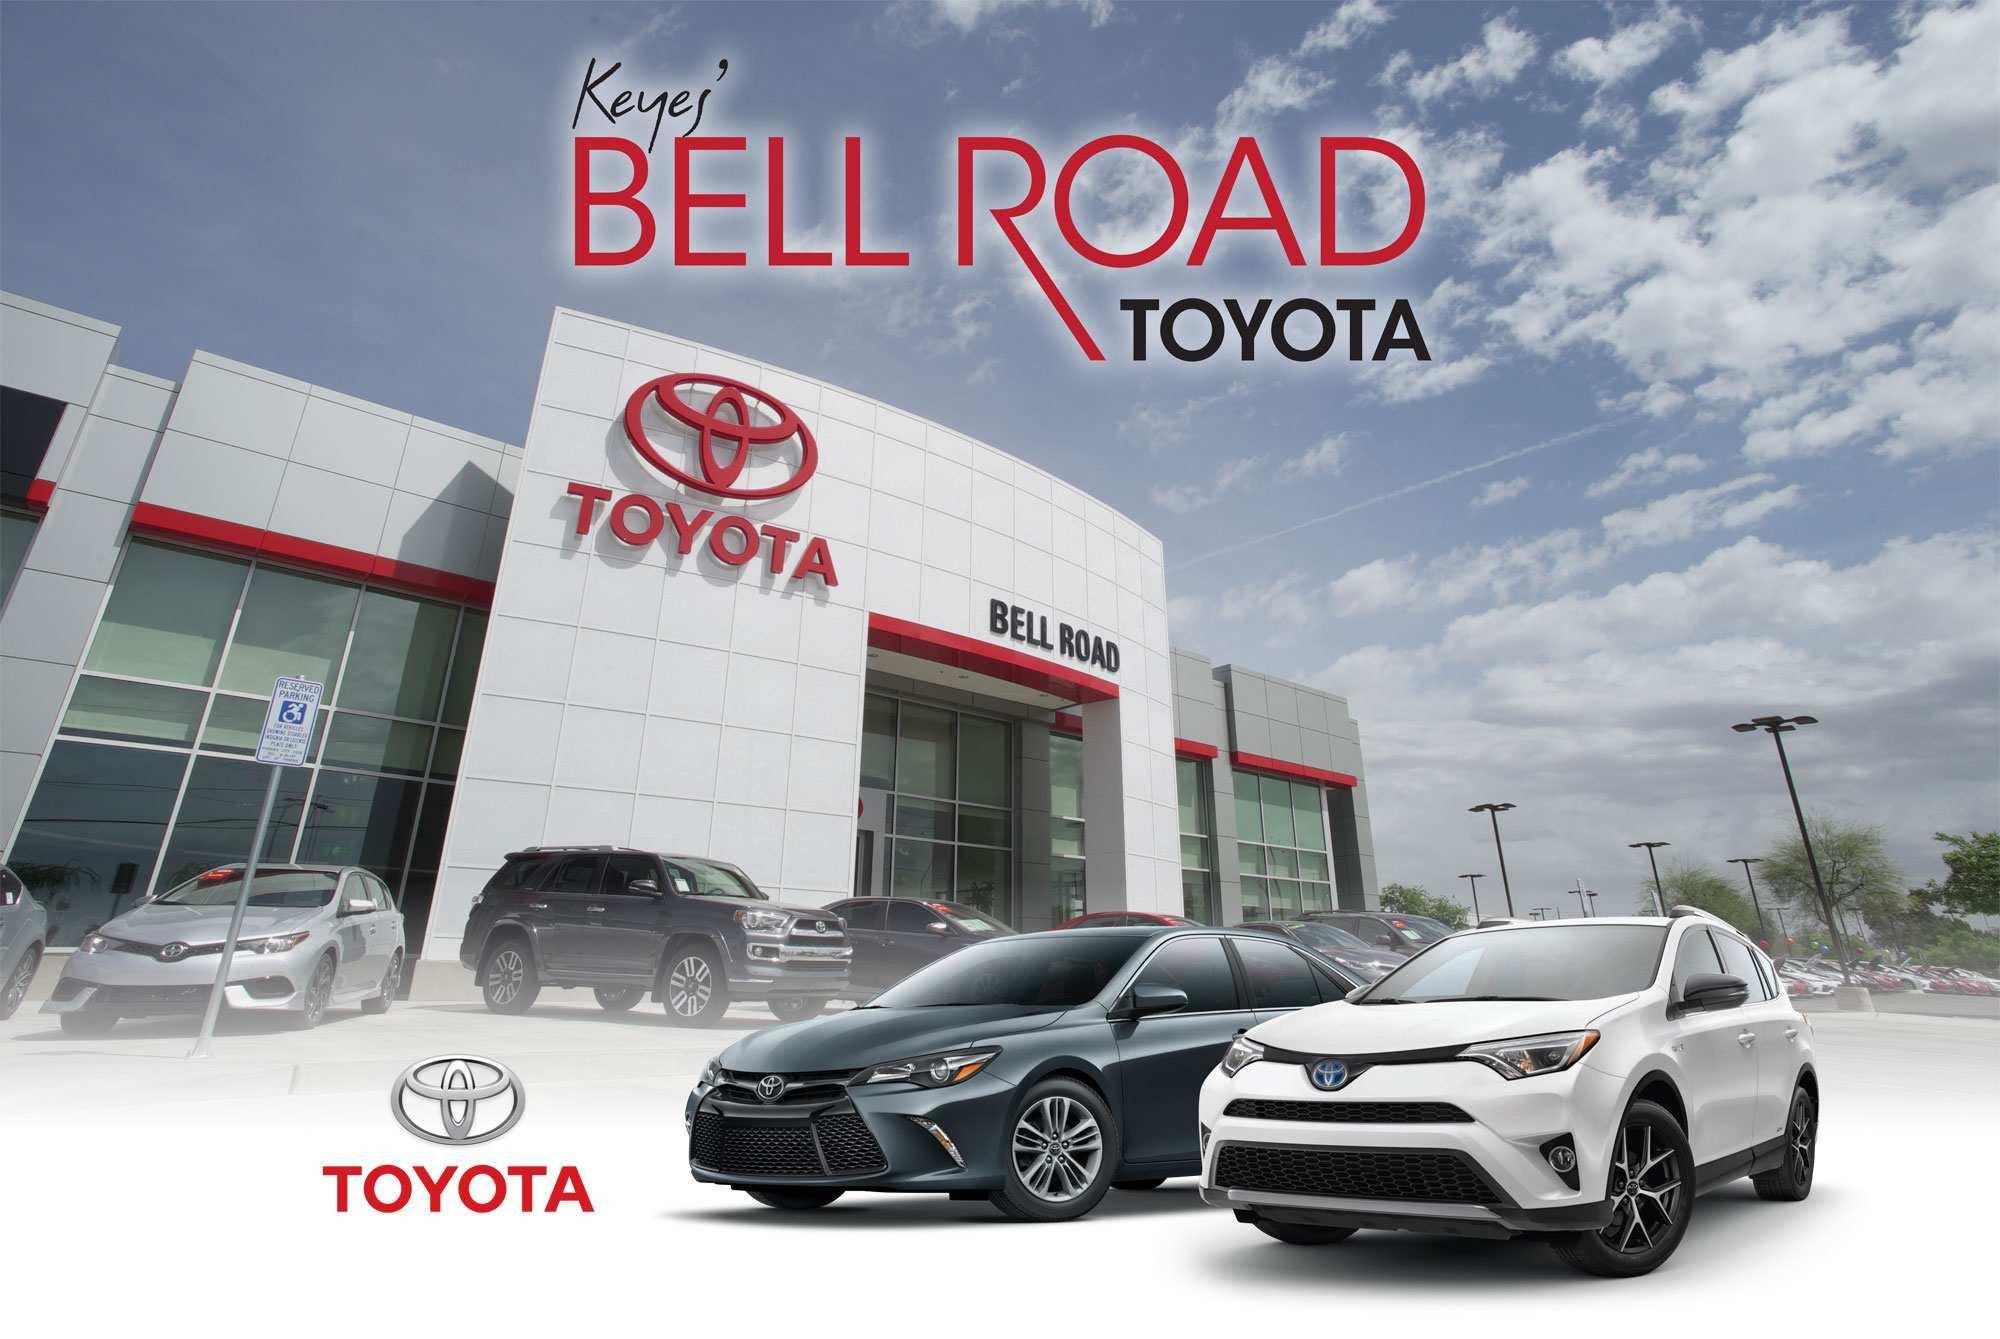 78 Gallery of Bell Road Toyota 2020 W Bell Rd Phoenix Az 85023 Images with Bell Road Toyota 2020 W Bell Rd Phoenix Az 85023